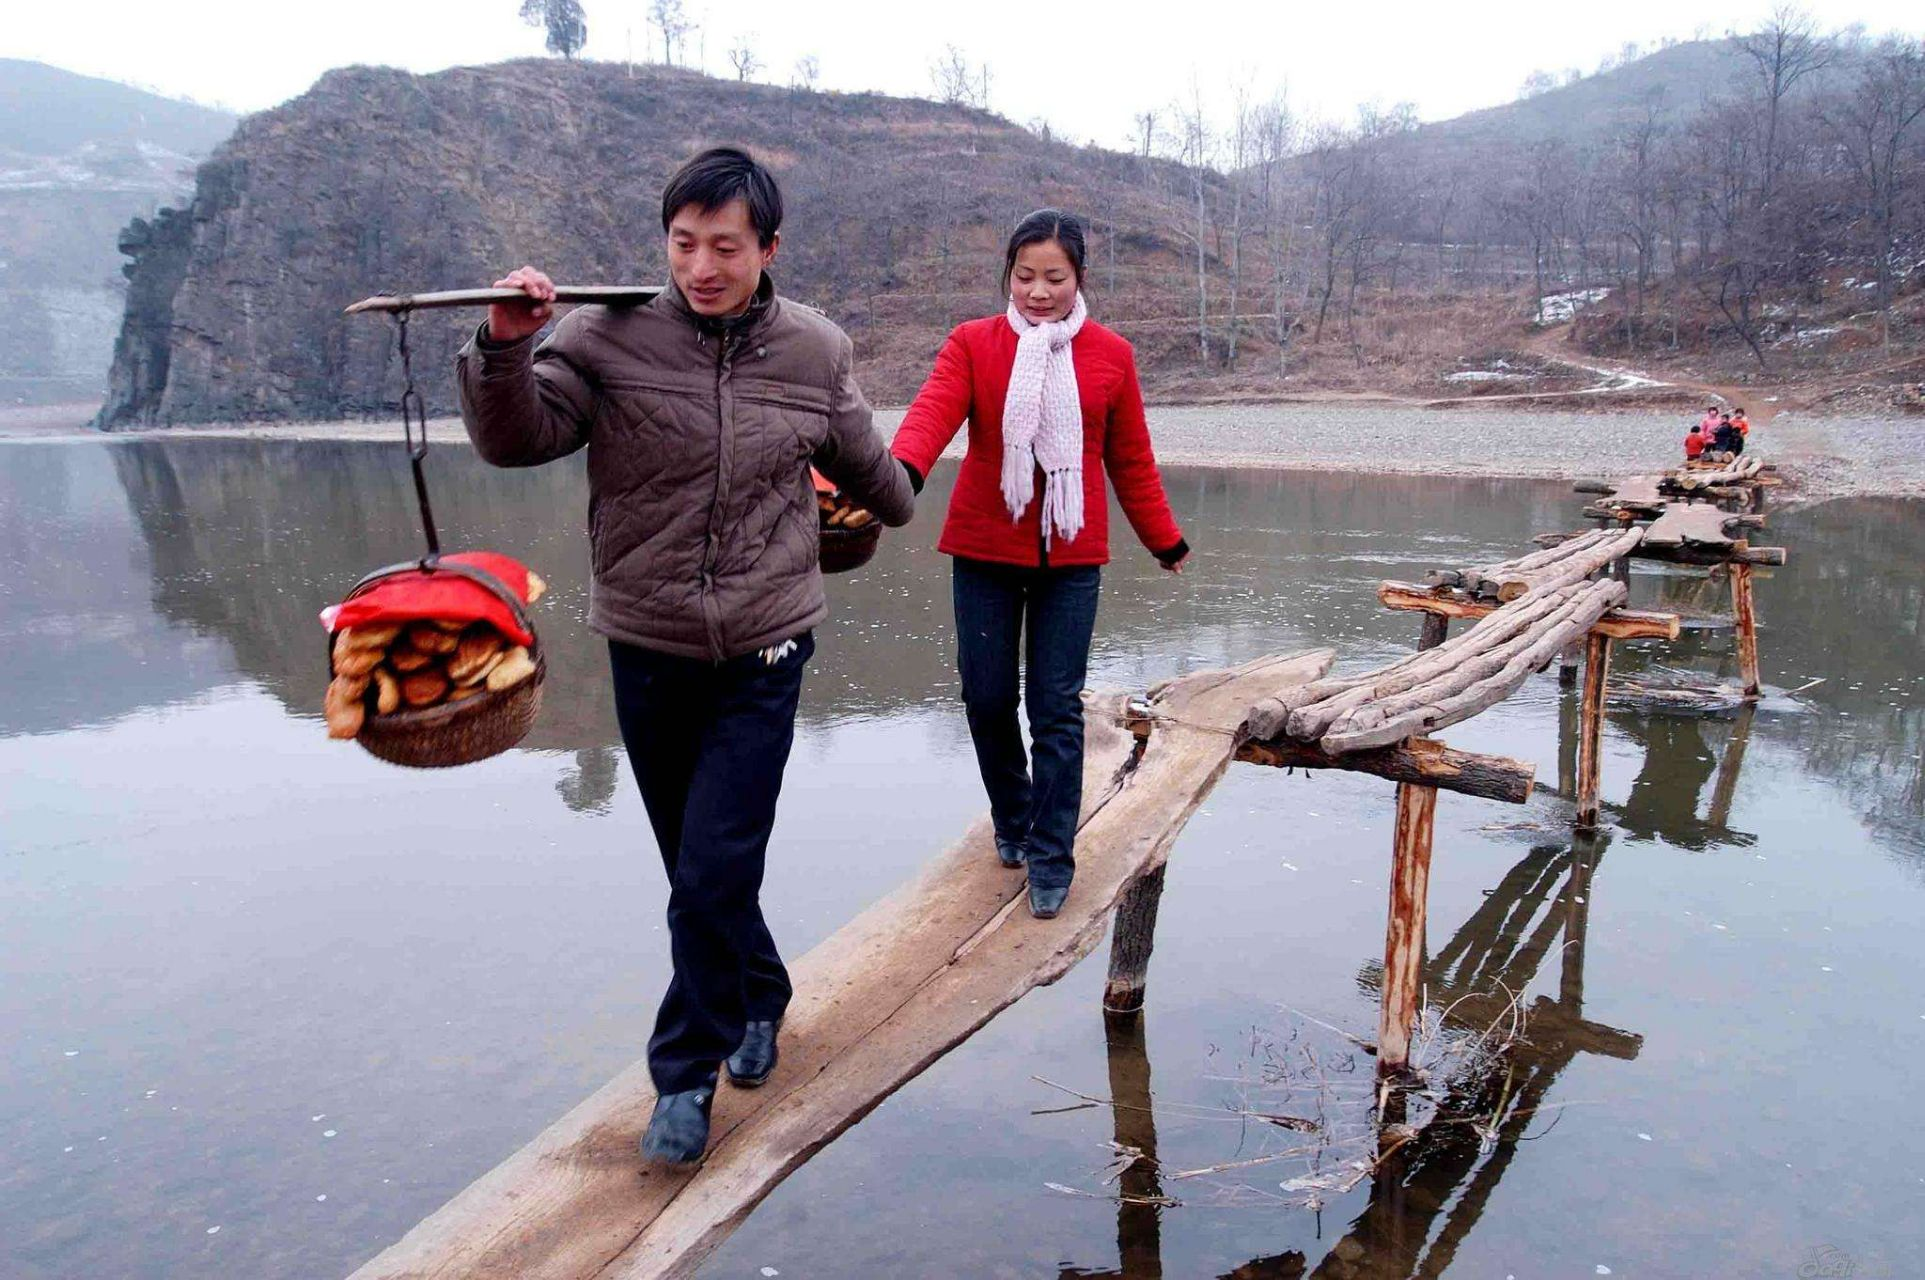 农村春节走亲戚像完成任务,放下礼物就走饭都不吃,没年味了